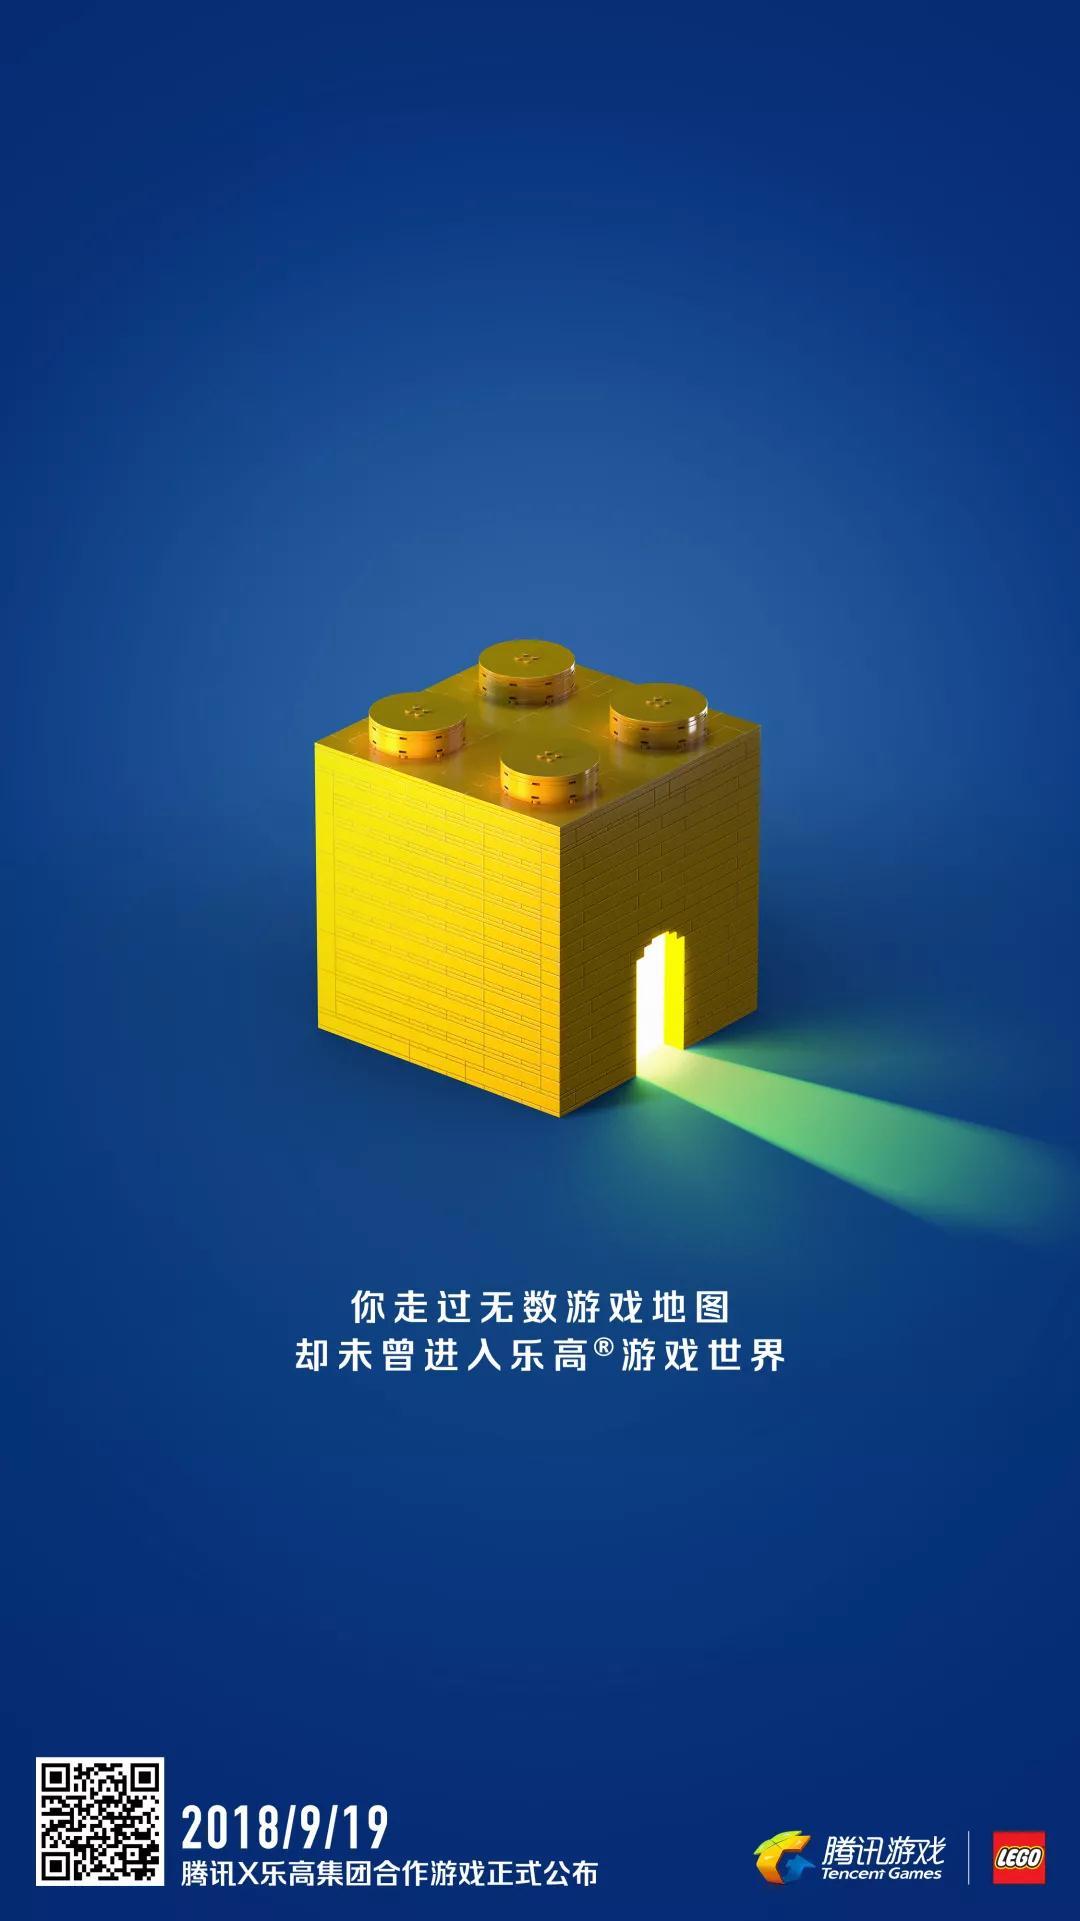 腾讯和乐高集团要合作游戏 9月19日正式公布